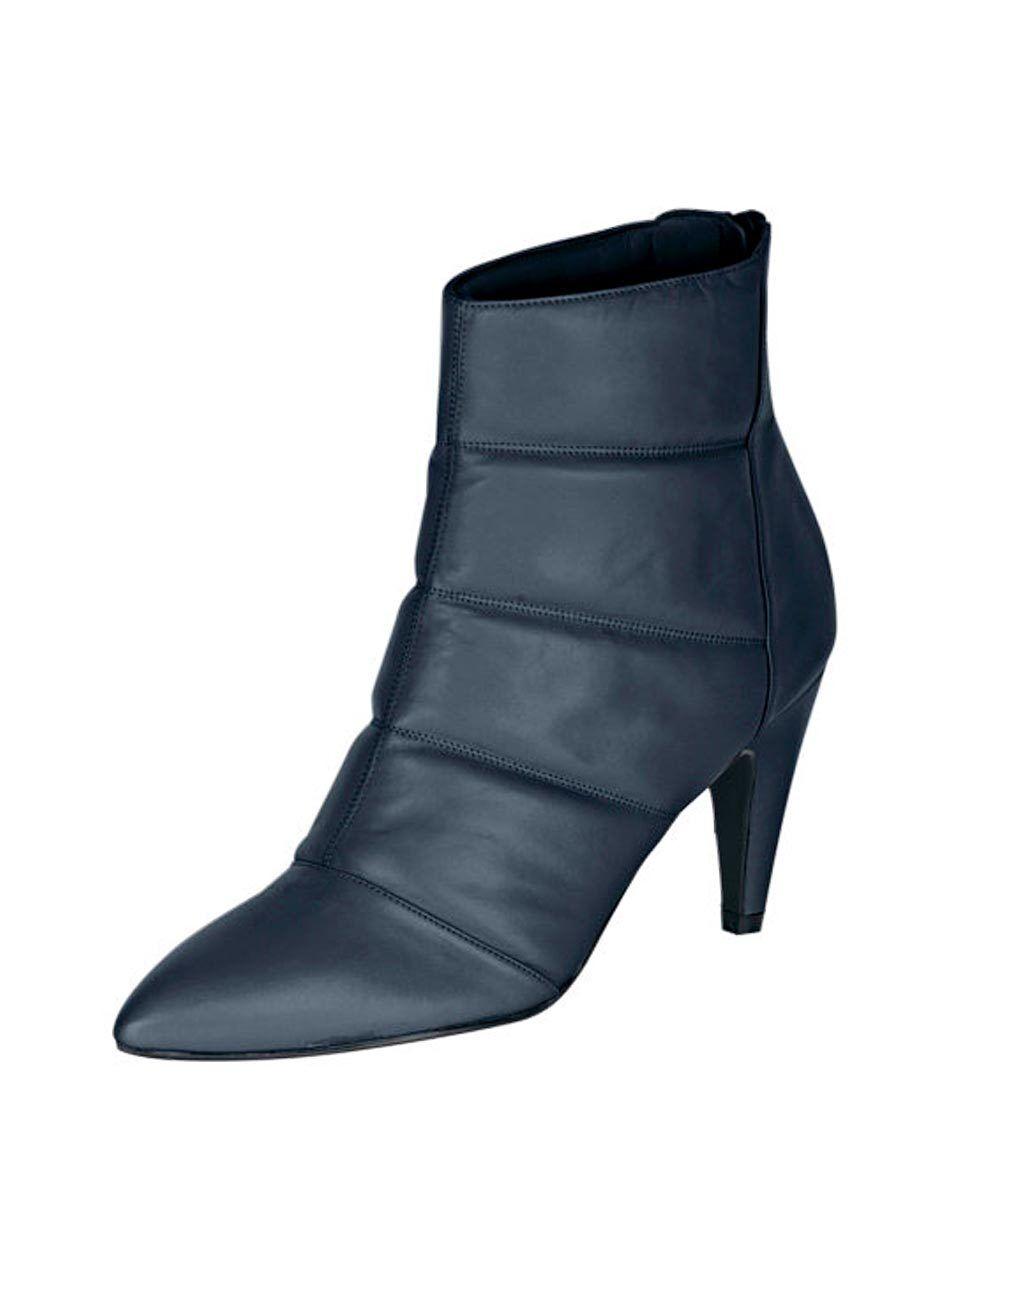 Zapatos especiales con descuento Heine Leder-Stiefelette, marine Gr 35 bis 42 UVP:  159.90